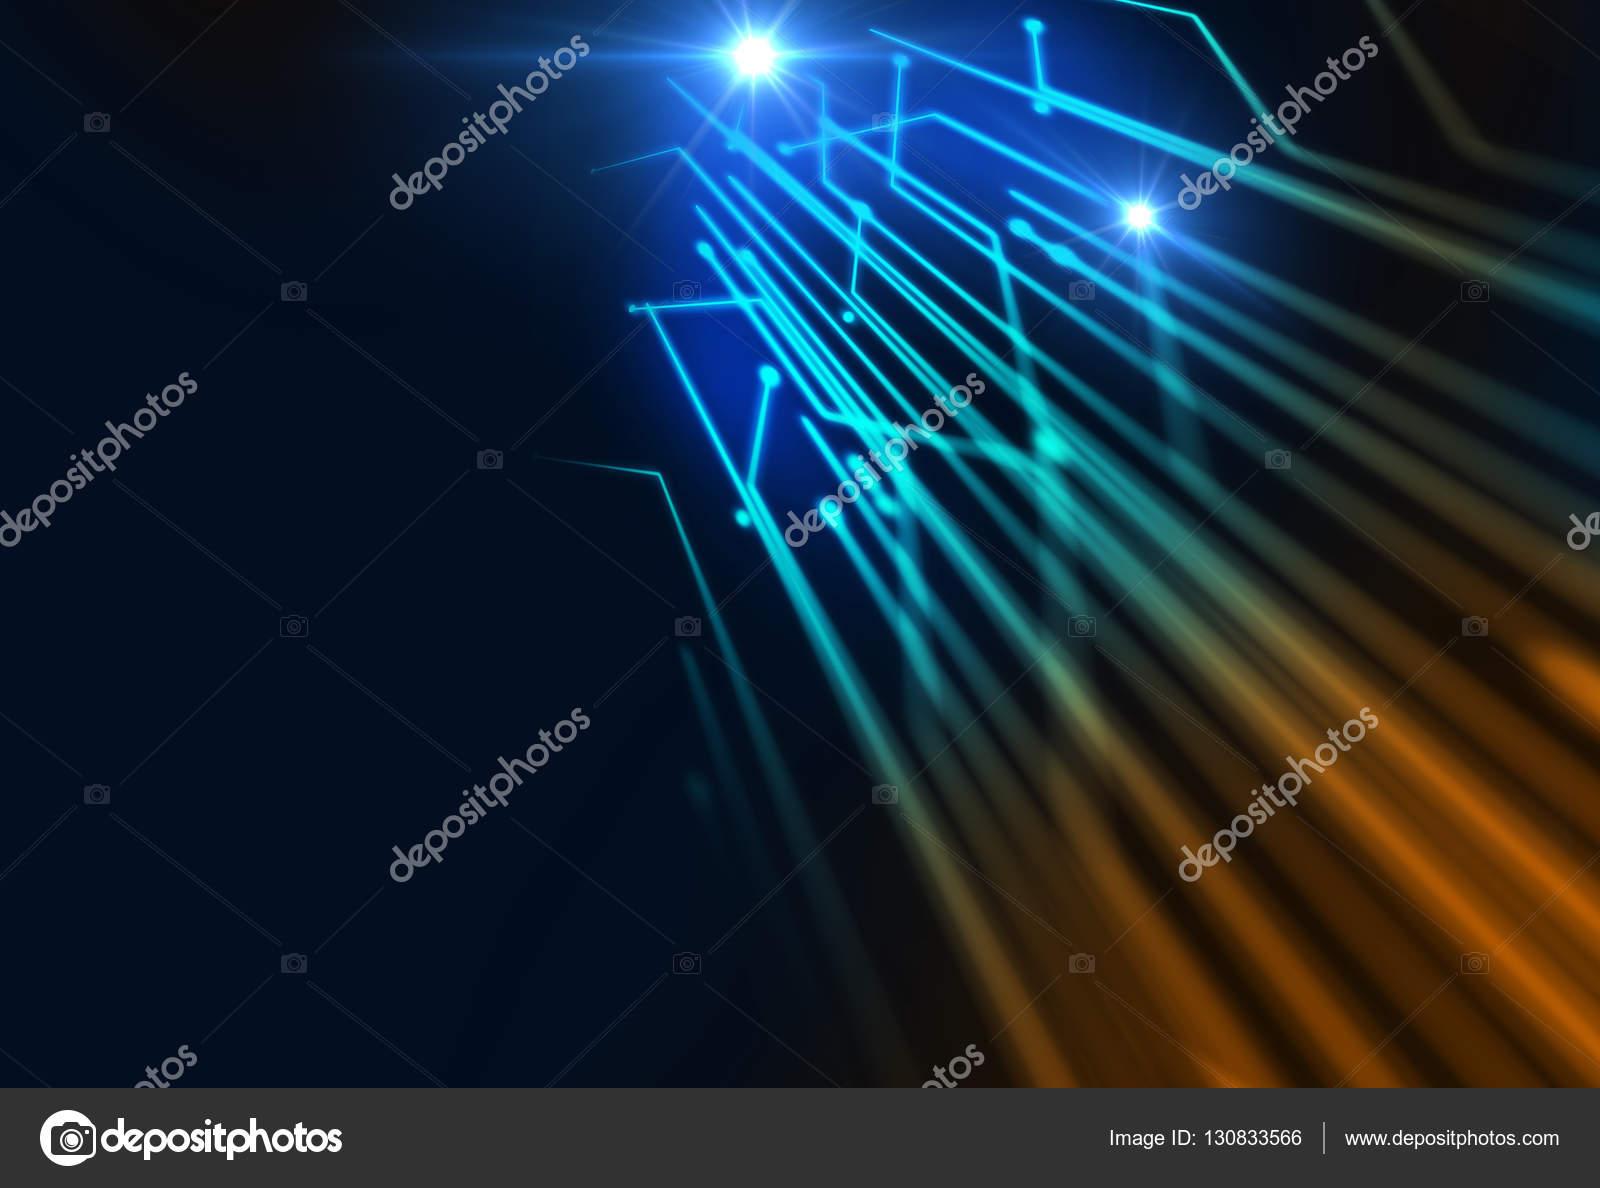 intreepupil afbeelding van glasvezel verlichting abstracte achtergrond stockfoto